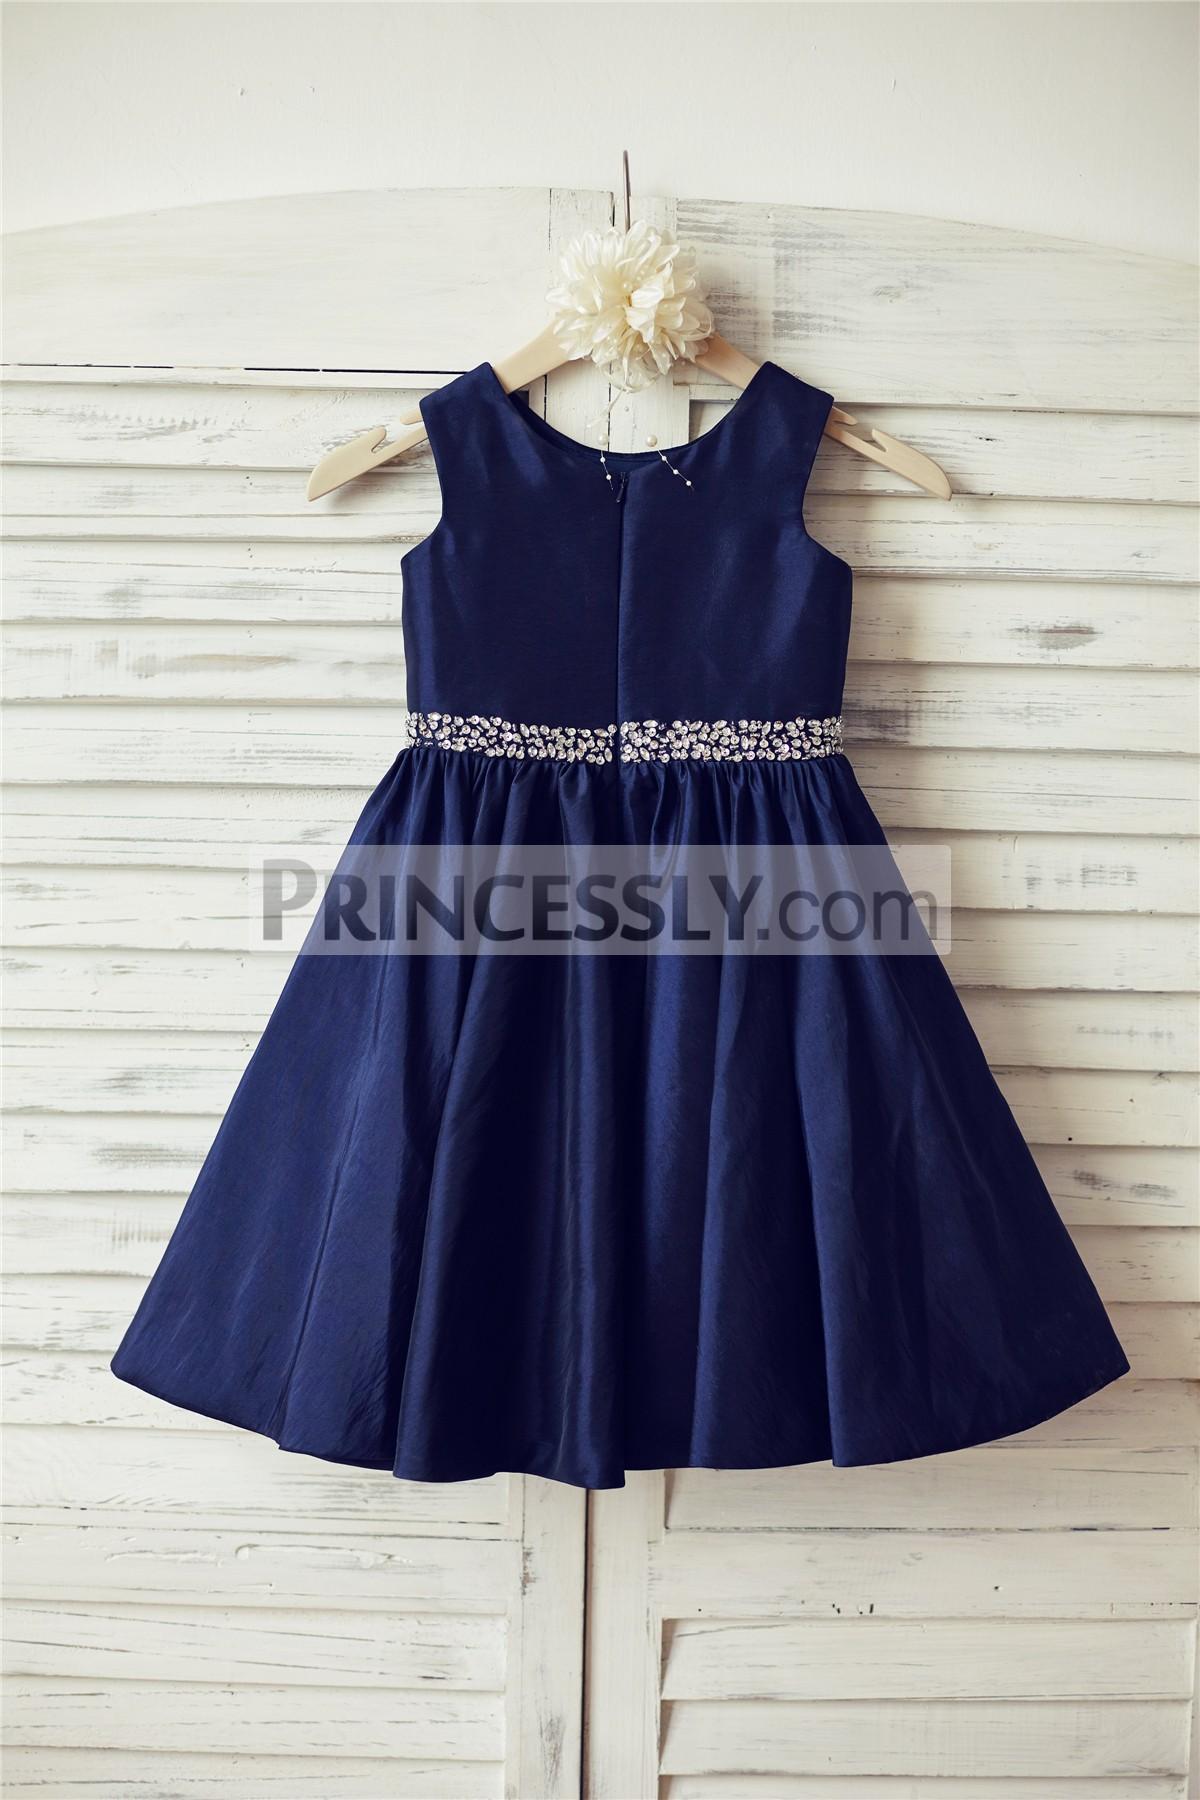 Beaded Navy Blue Taffeta Wedding Flower Girl Dress